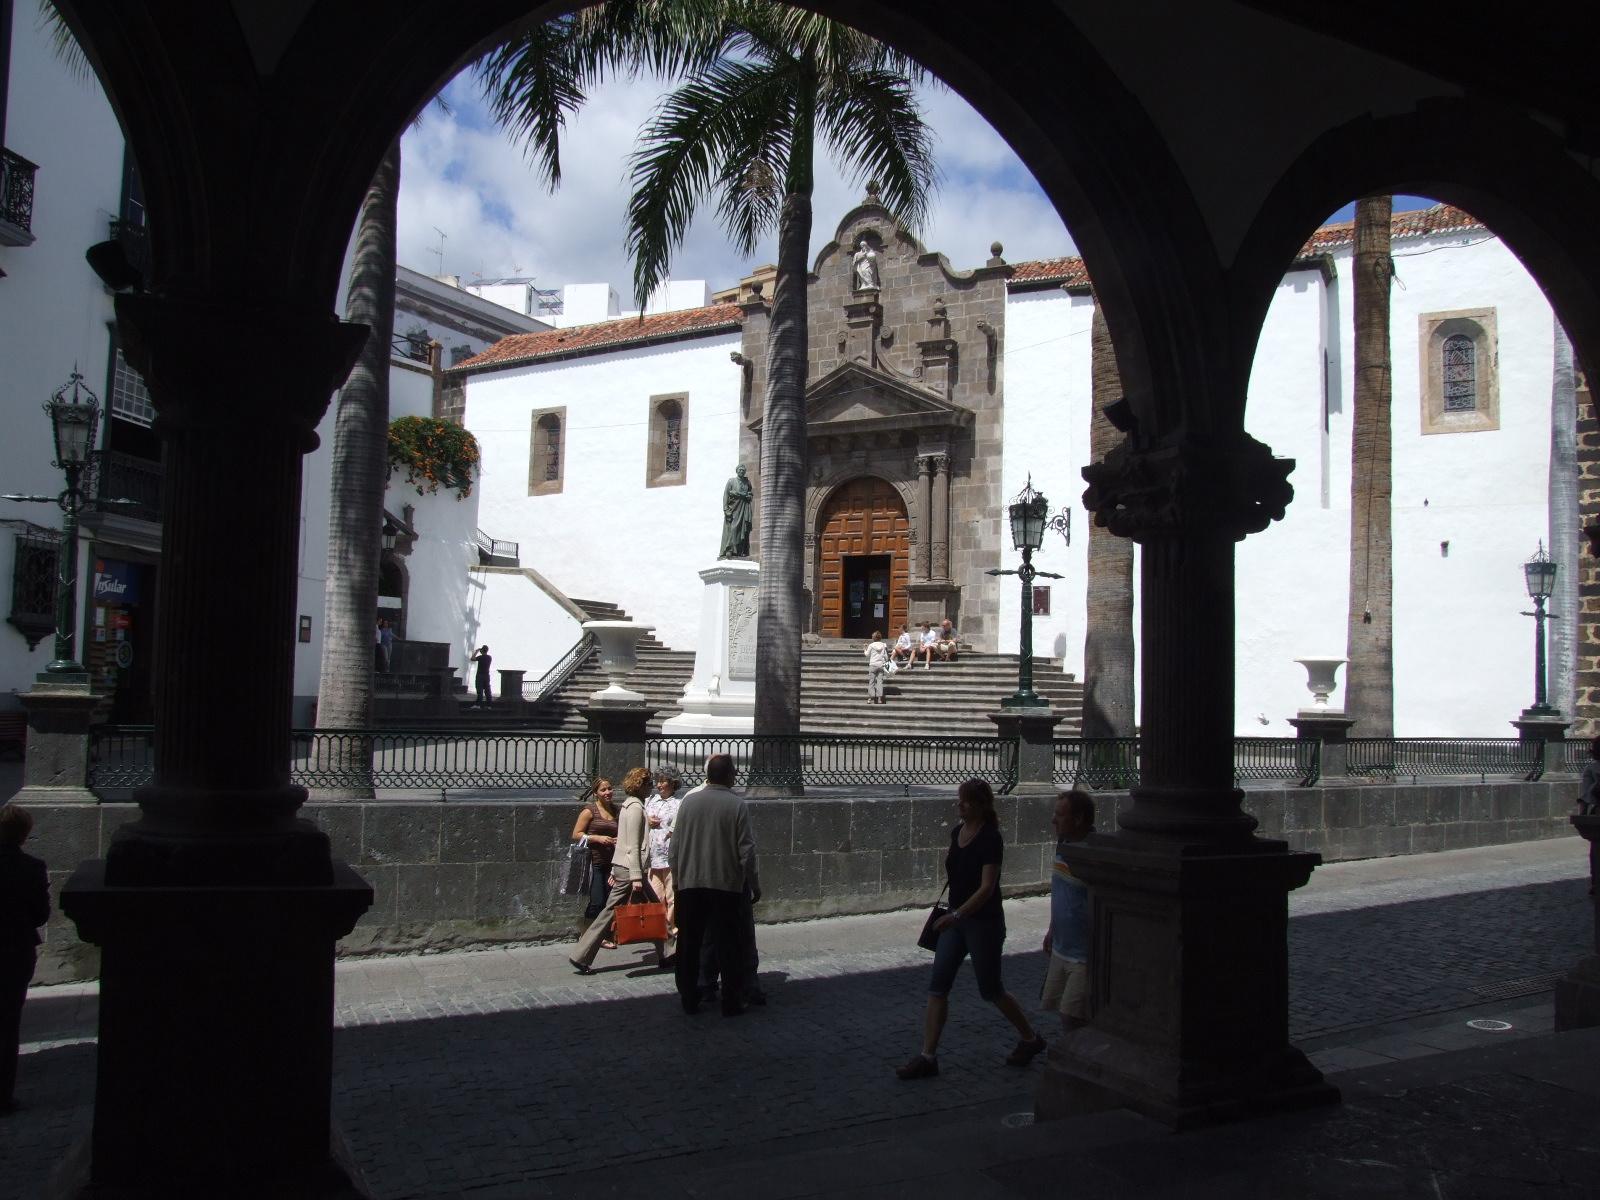 Plaza de espa a ayuntamiento de santa cruz de la palma - Casas rurales en santa cruz de la palma ...